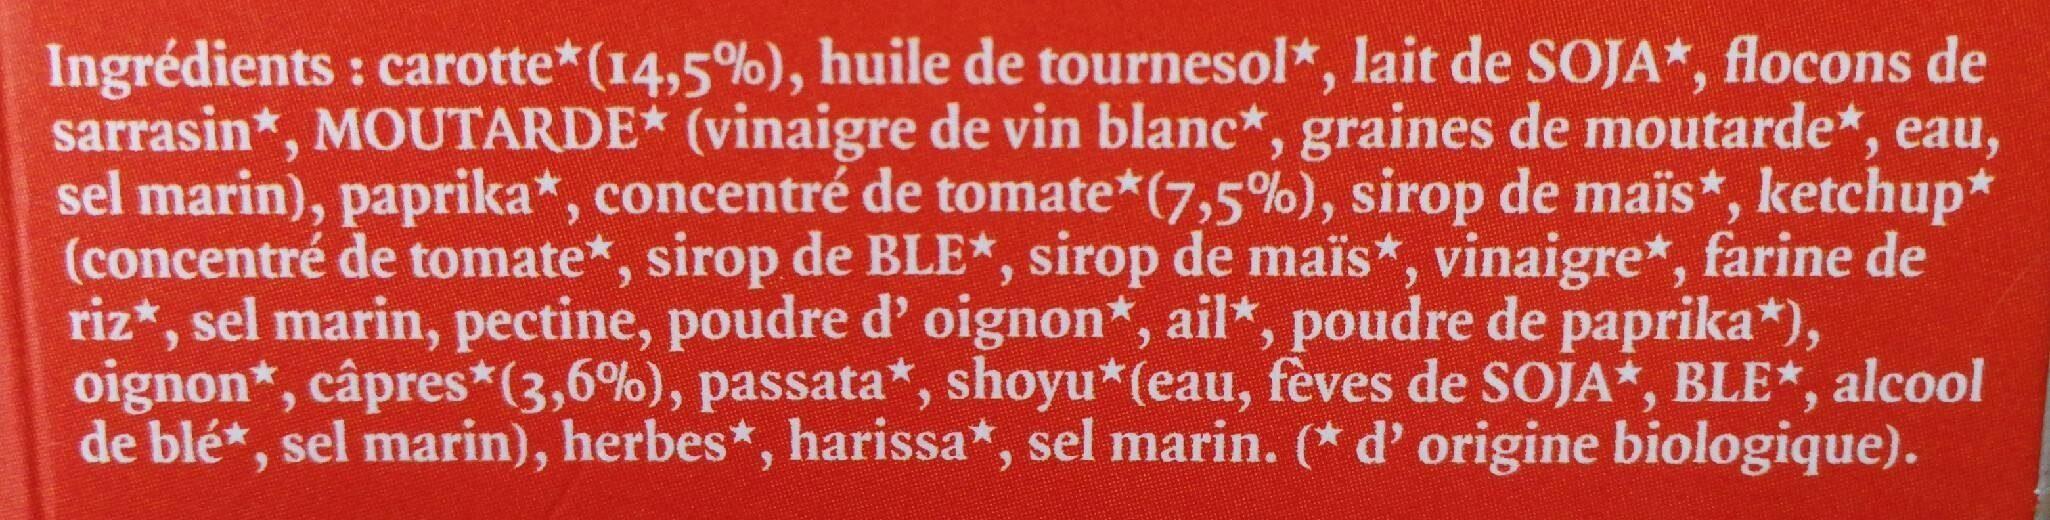 Tartin'o Original - Ingredients - fr